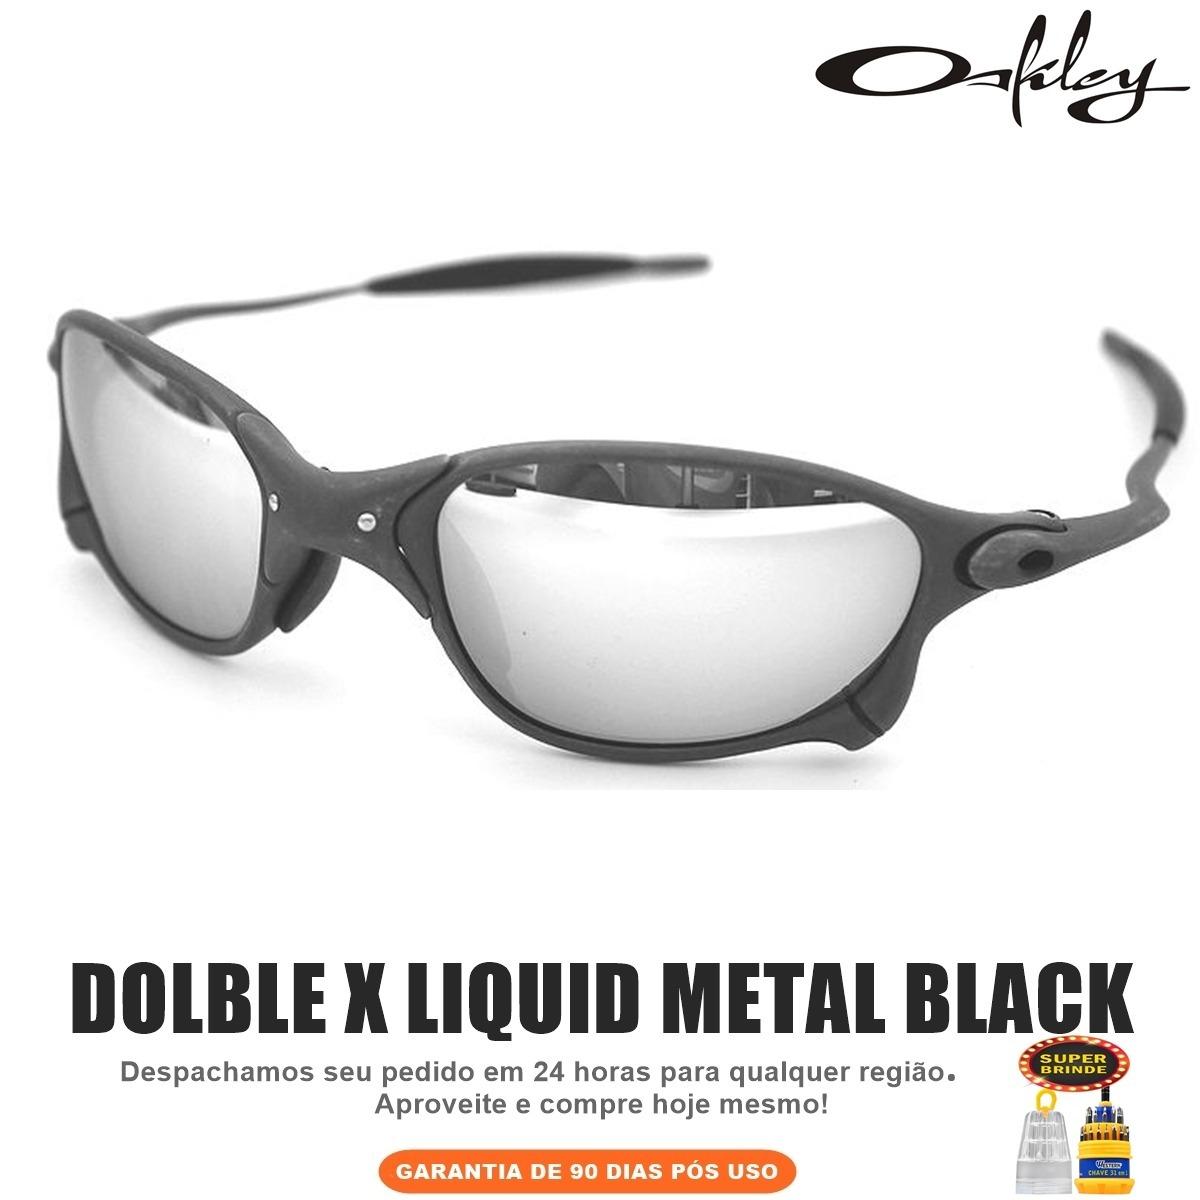 04ad1efe6291b 0ead2a13e9747 Doublex X Prata Idêntica A Original + Frete Grátis Brasil - R  120 .. d09e51c2e597c óculos ...